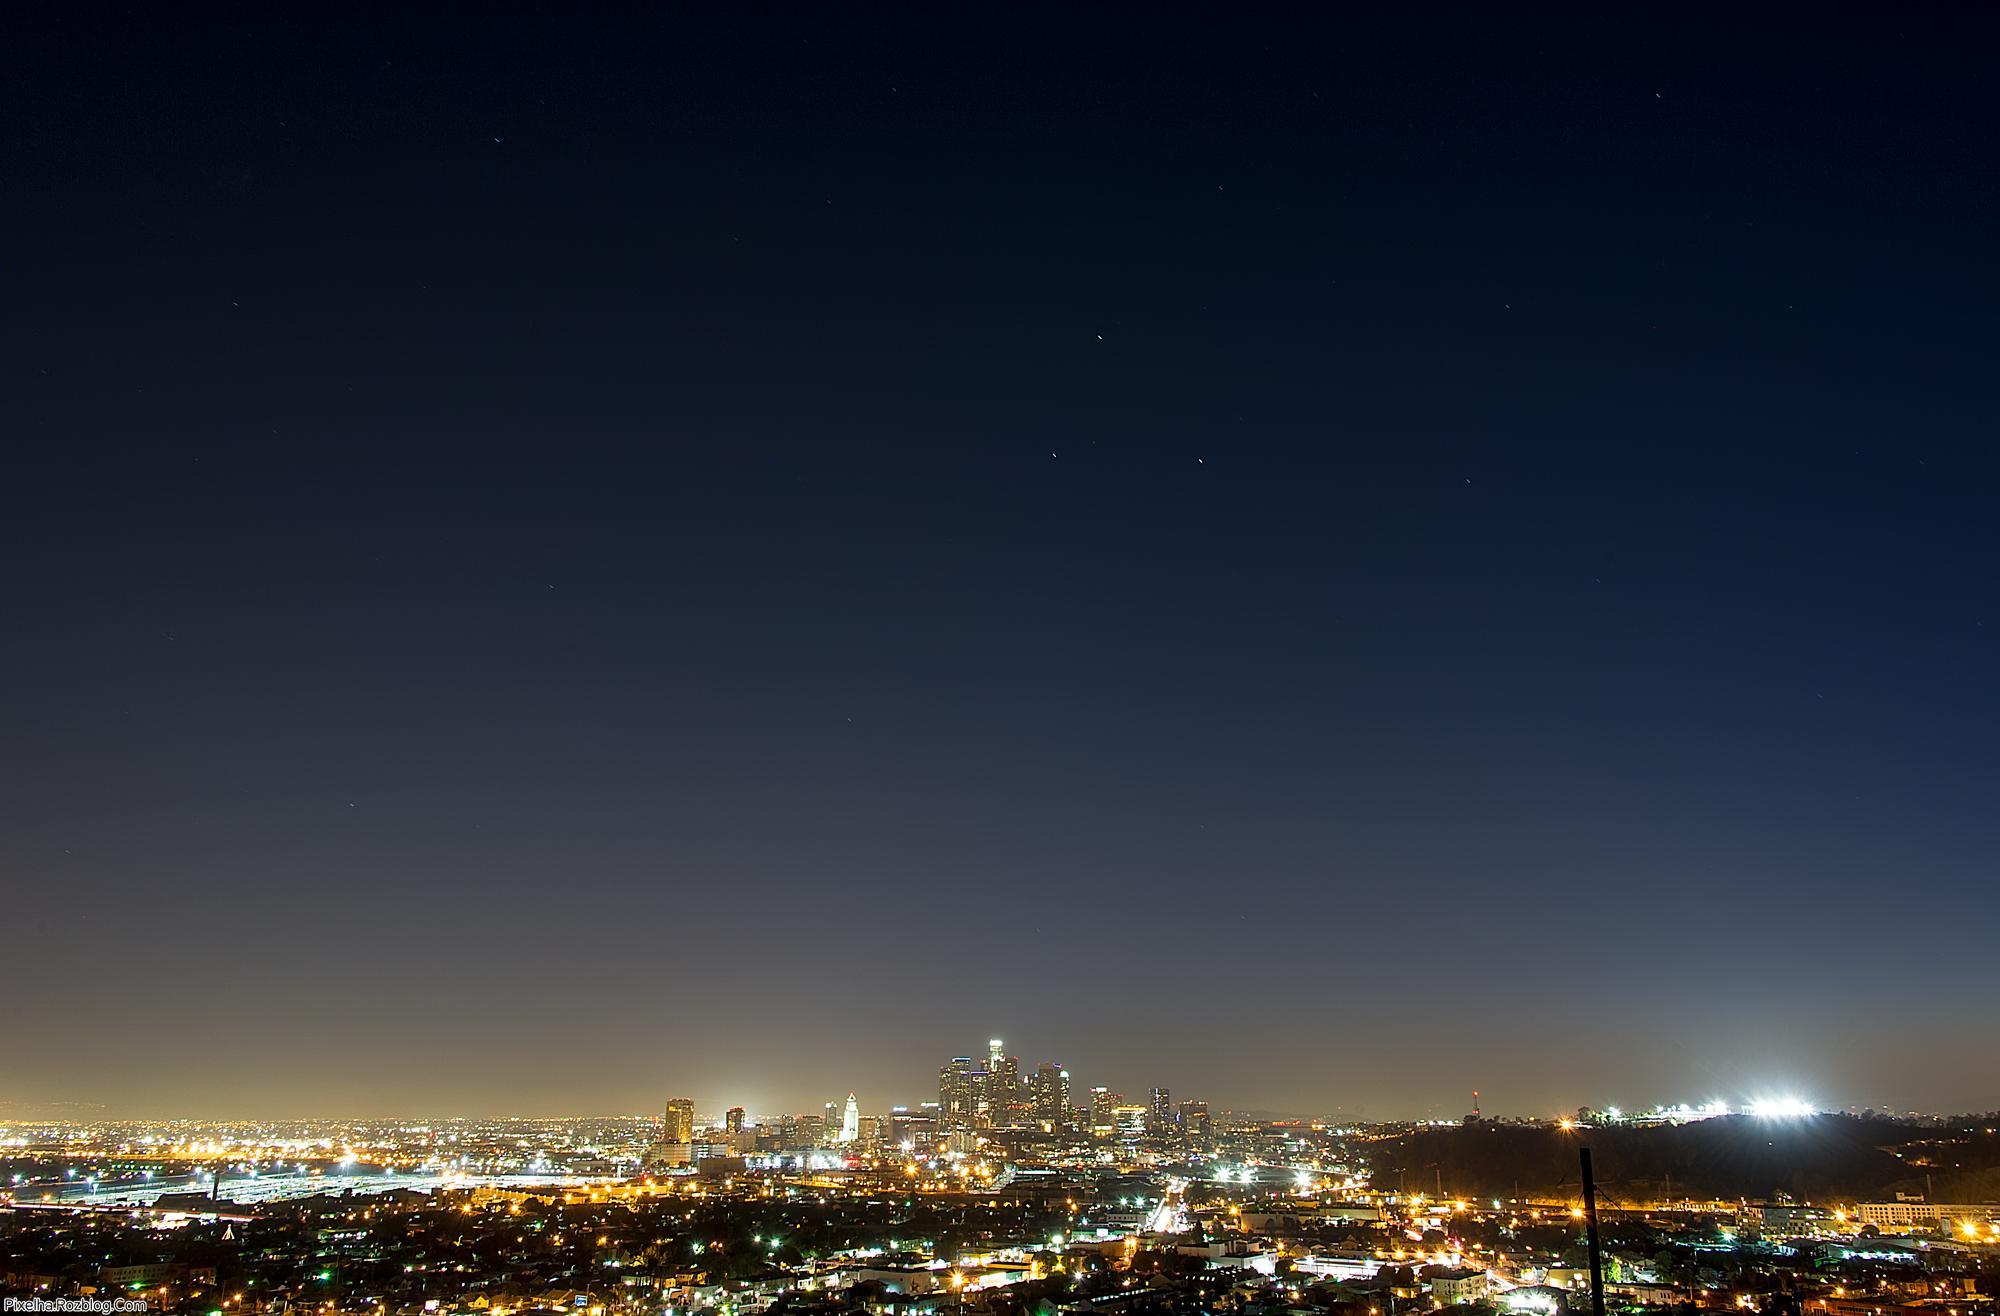 نمای آسمان شب تاریک در شهر